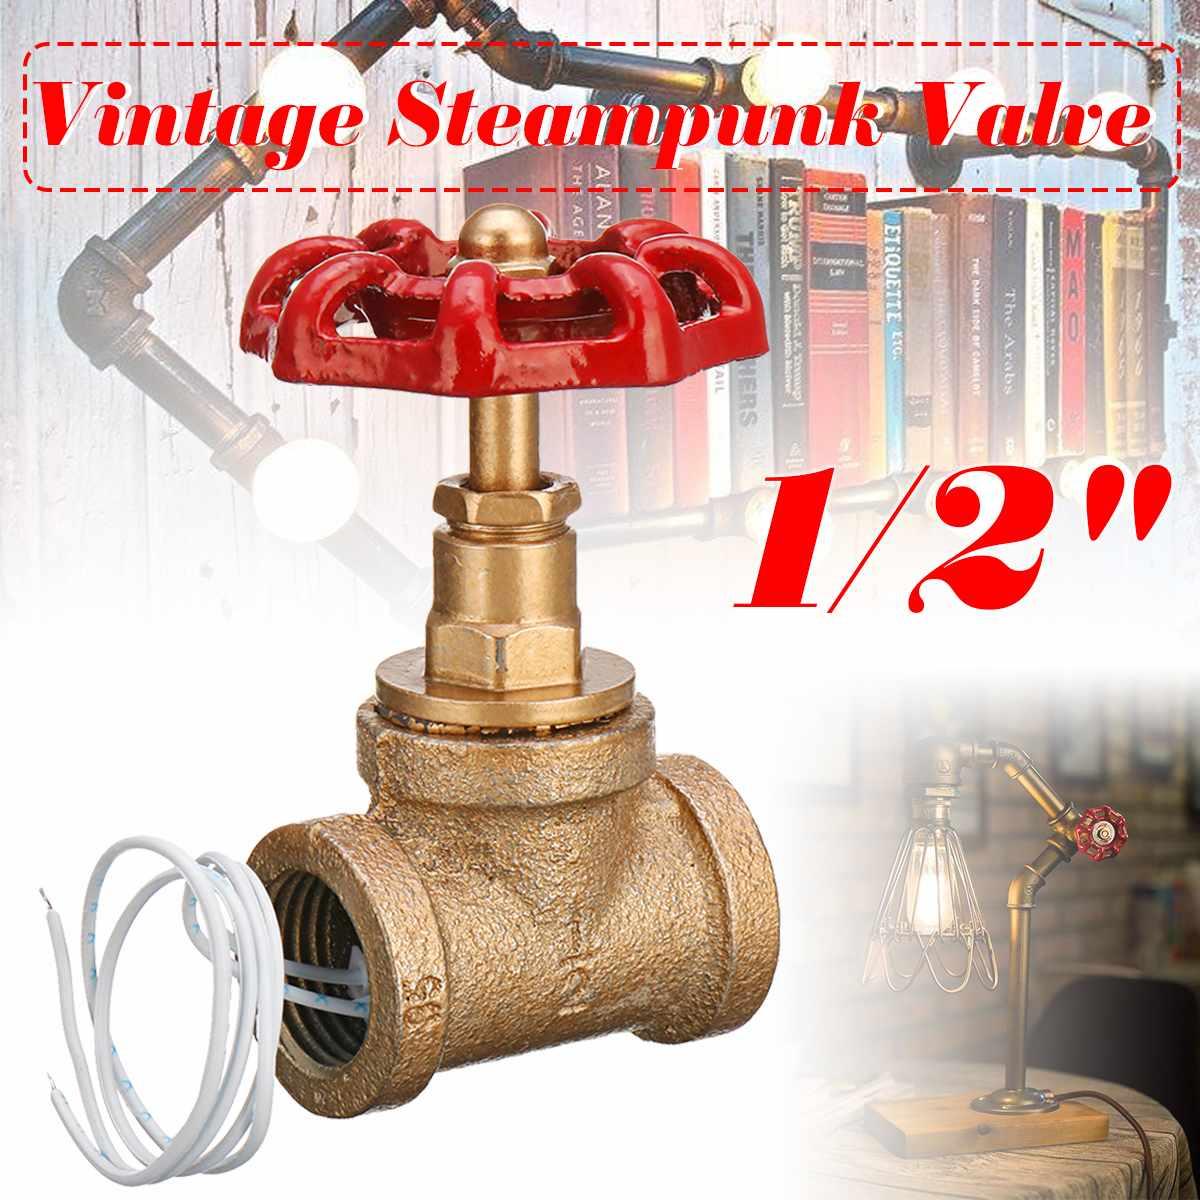 Interruptor de luz vermelho da válvula da parada do punho do vintage 1/2 Polegada com fio para a lâmpada da tubulação de água